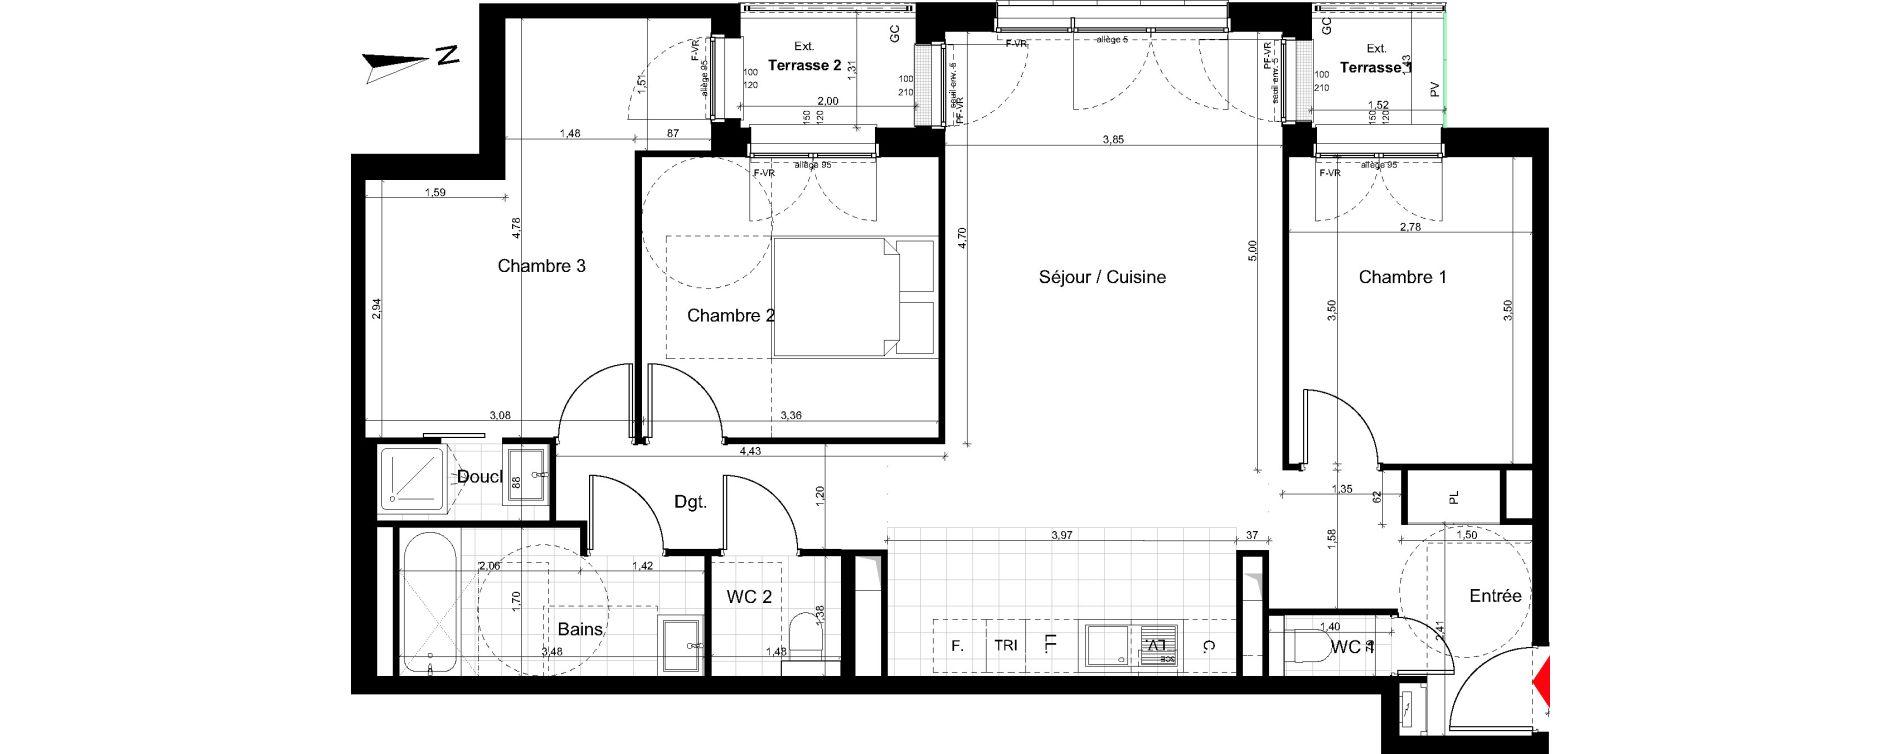 Appartement T4 de 84,00 m2 au Pré-Saint-Gervais Le pre st gervais